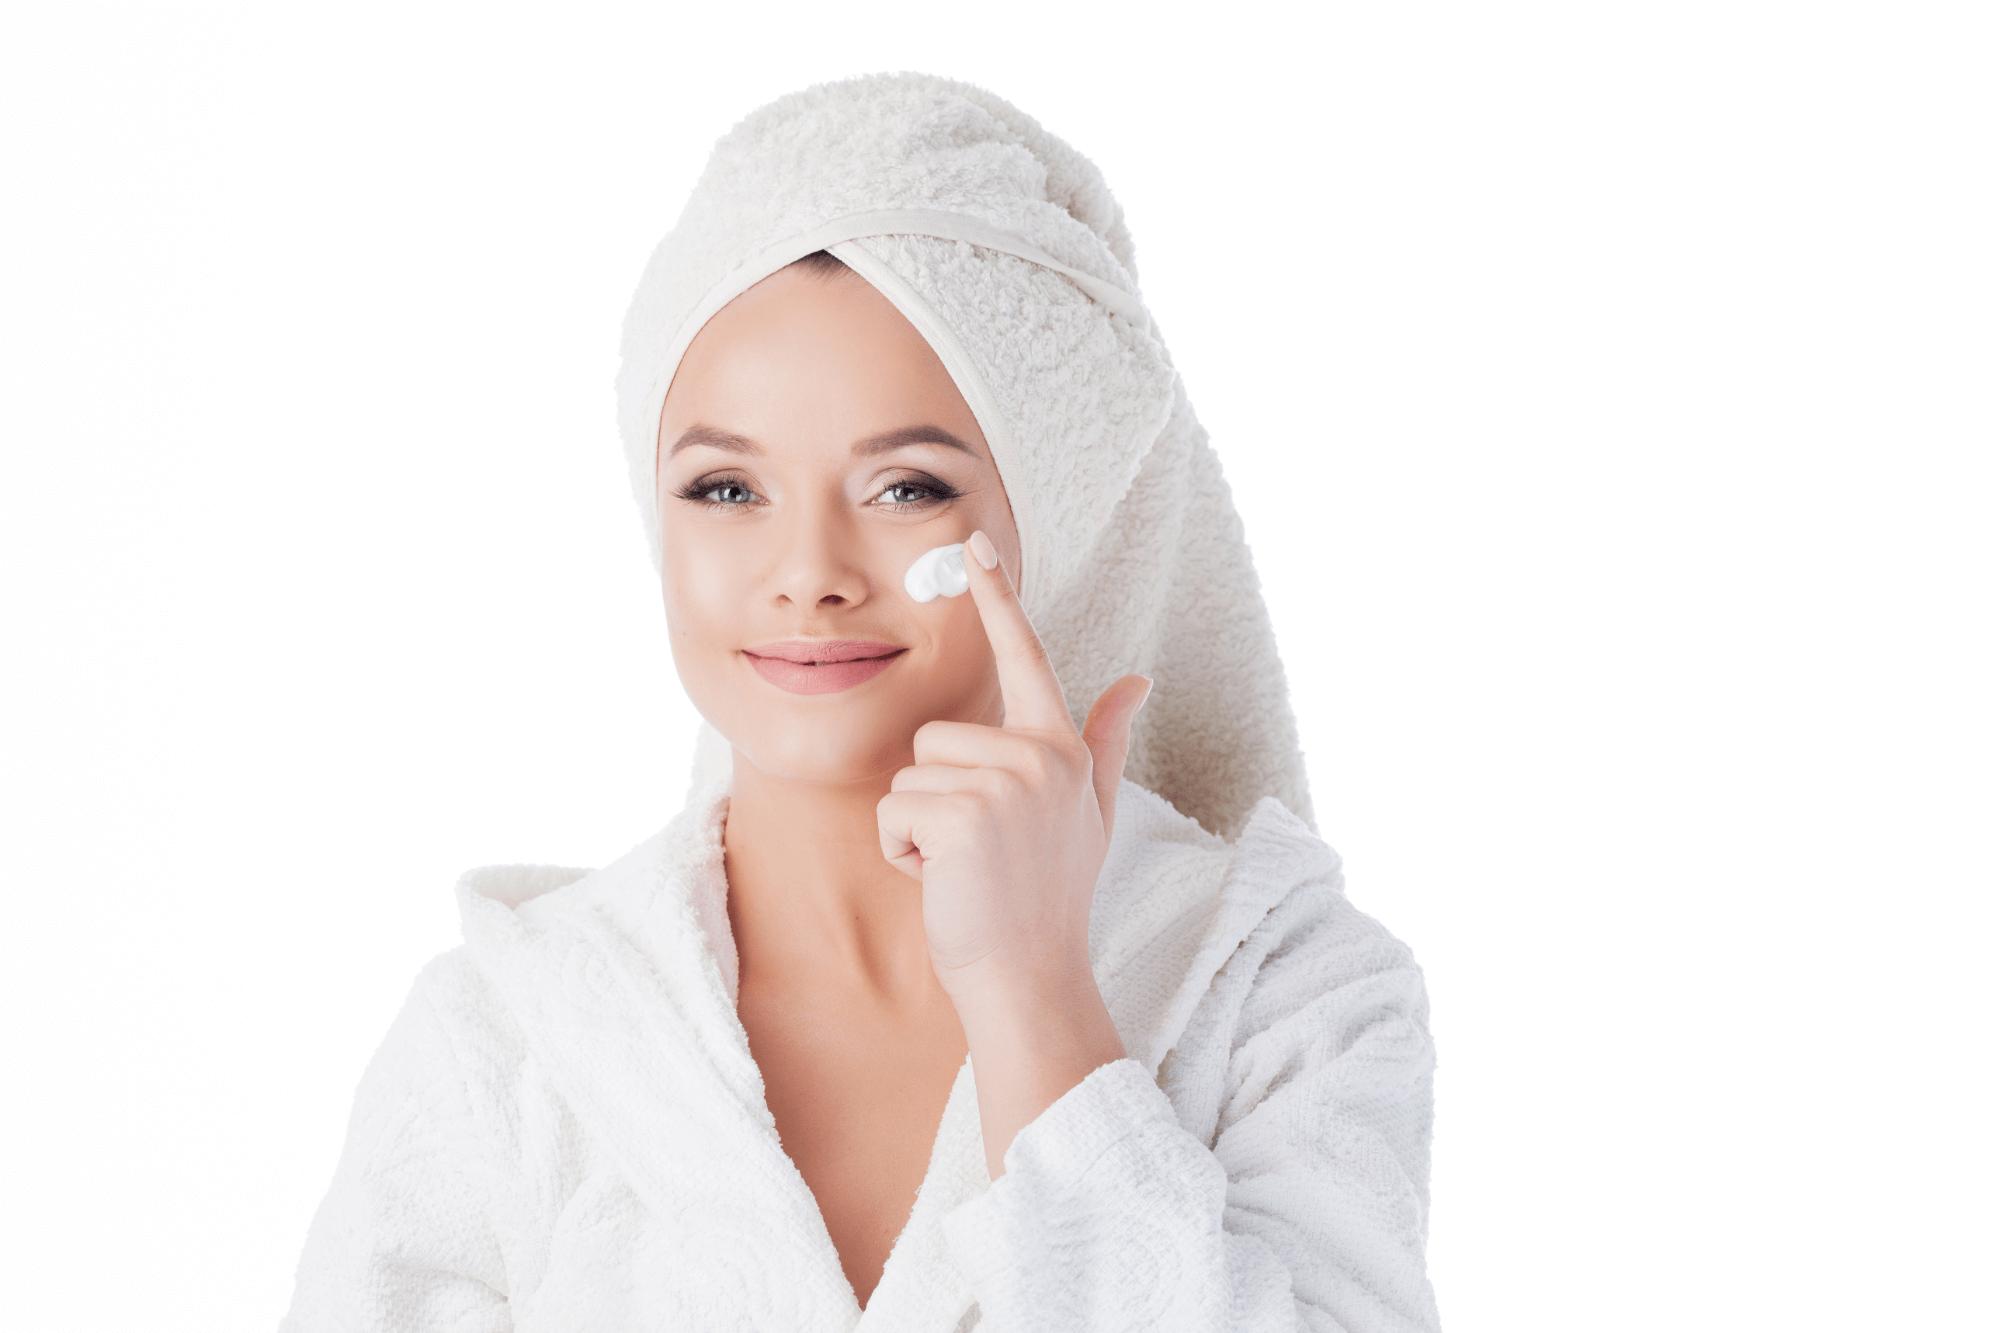 メイク落とし・洗顔の違いとは?ダブル洗顔の必要性や正しいやり方を解説